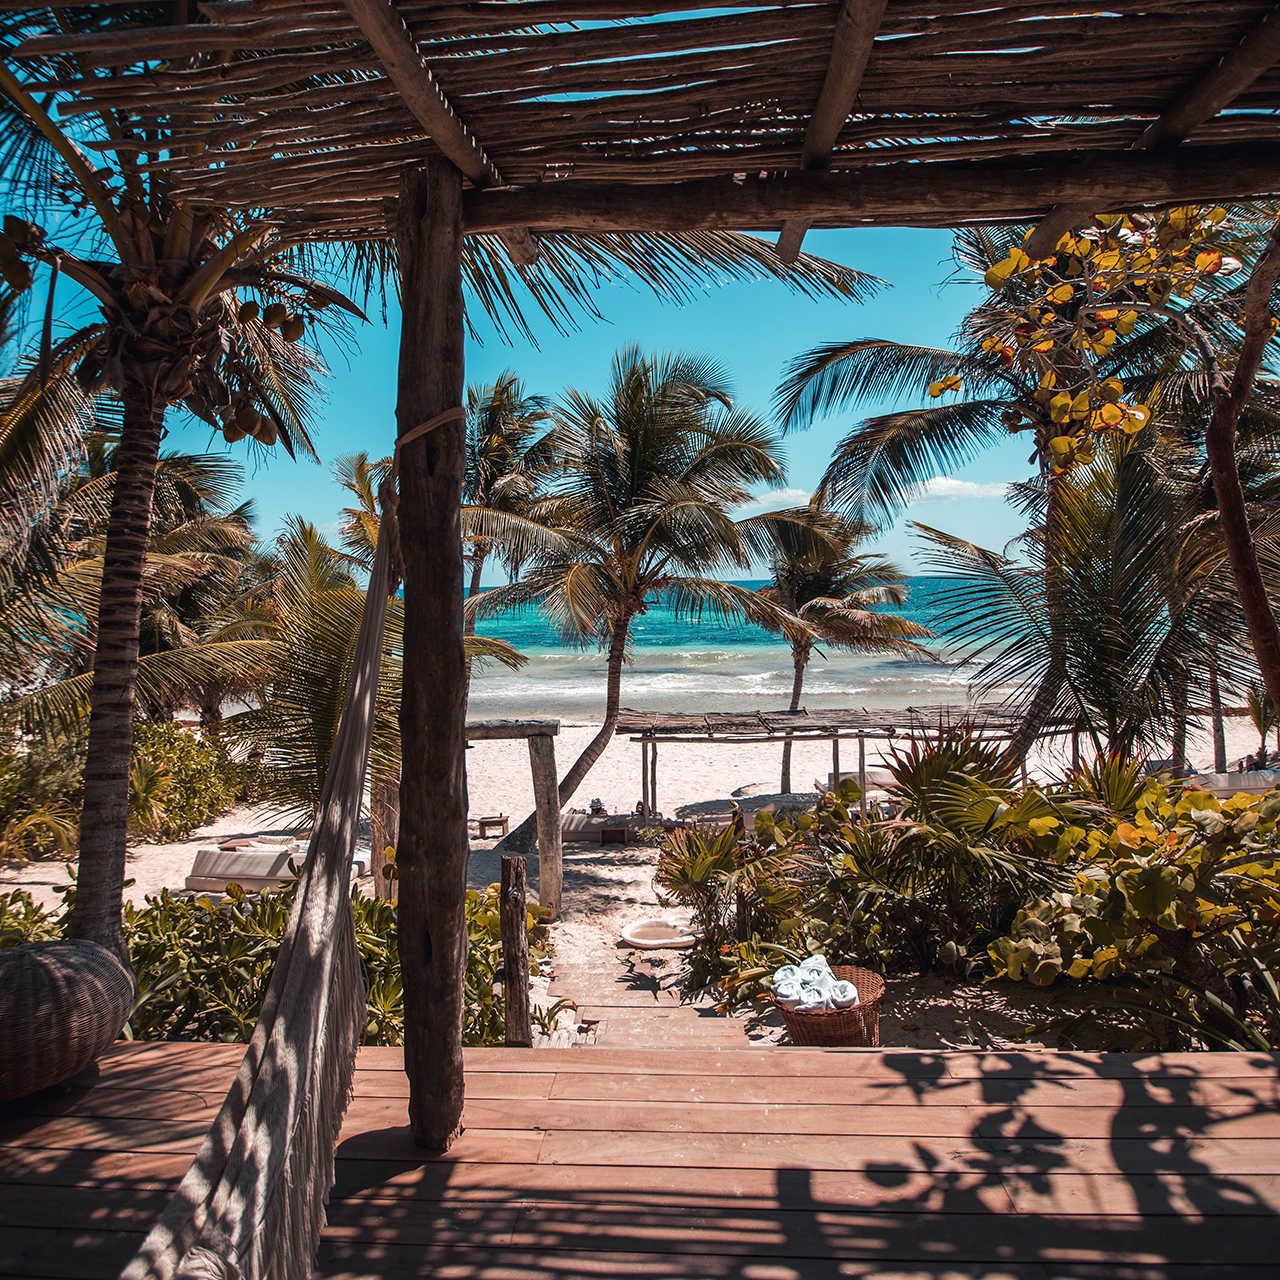 Отзывы туристов об отдыхе в Мексике